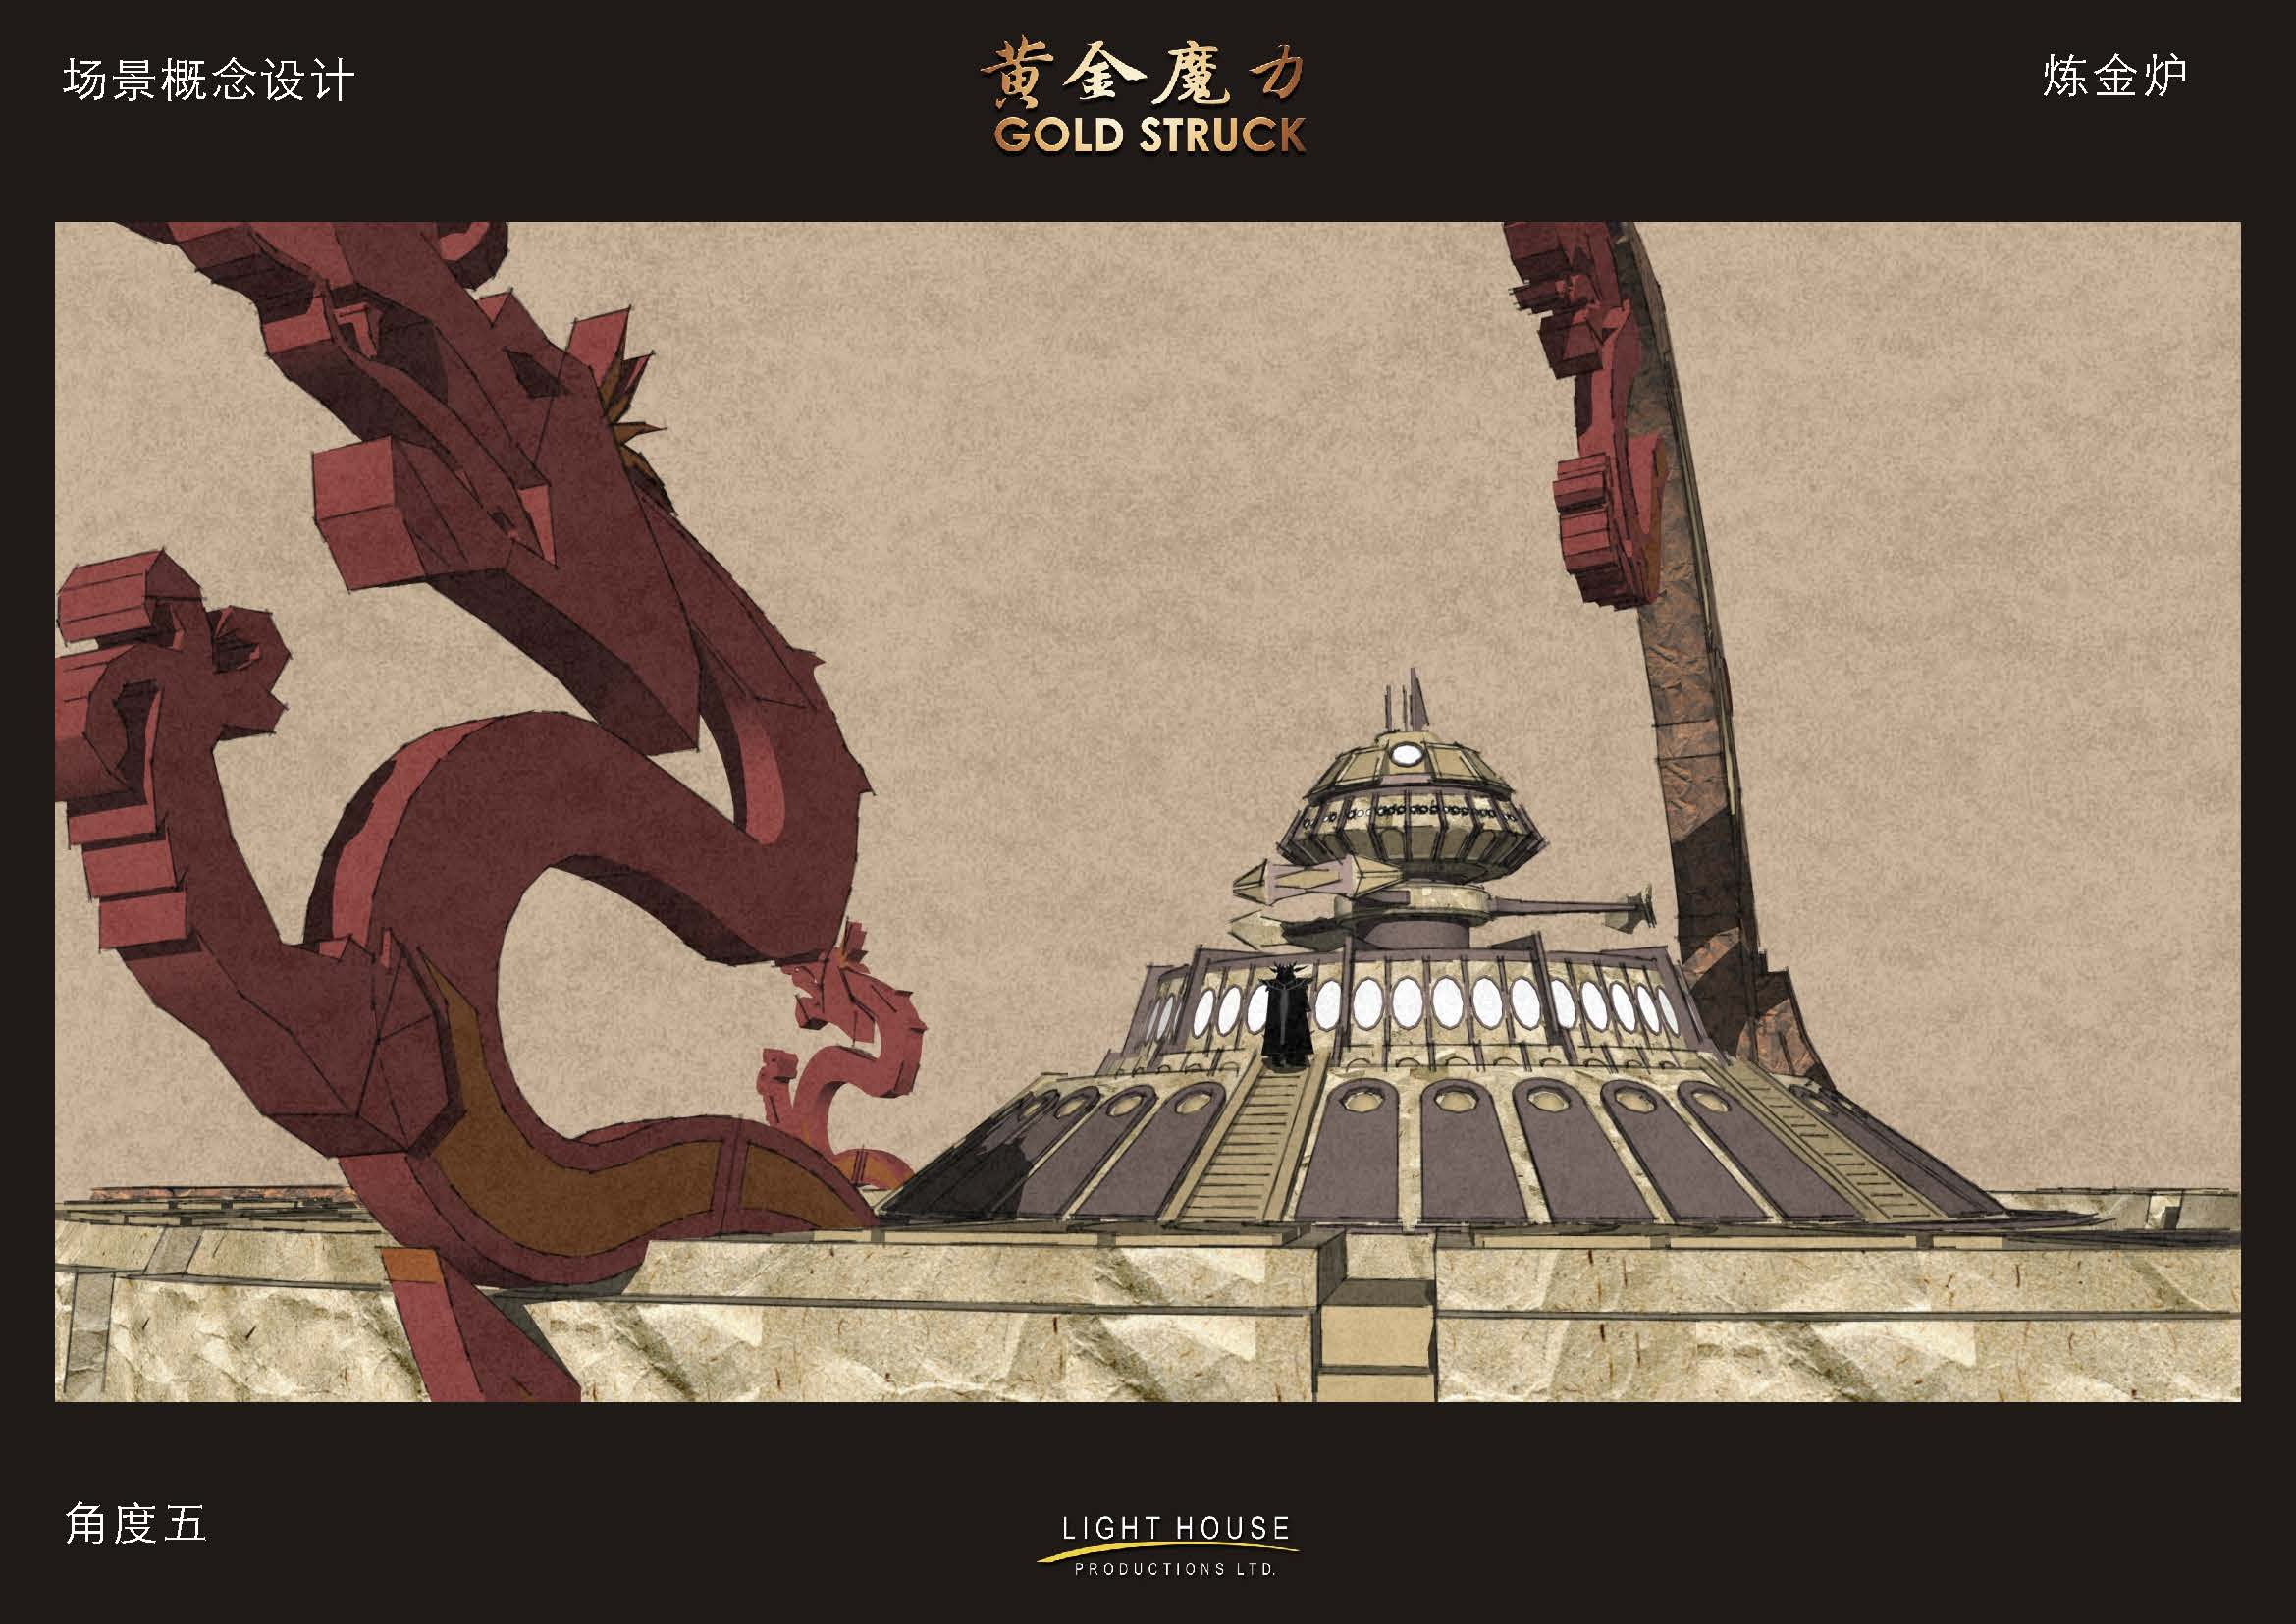 黄金魔力电影概念设计图横版_页面_06.jpg